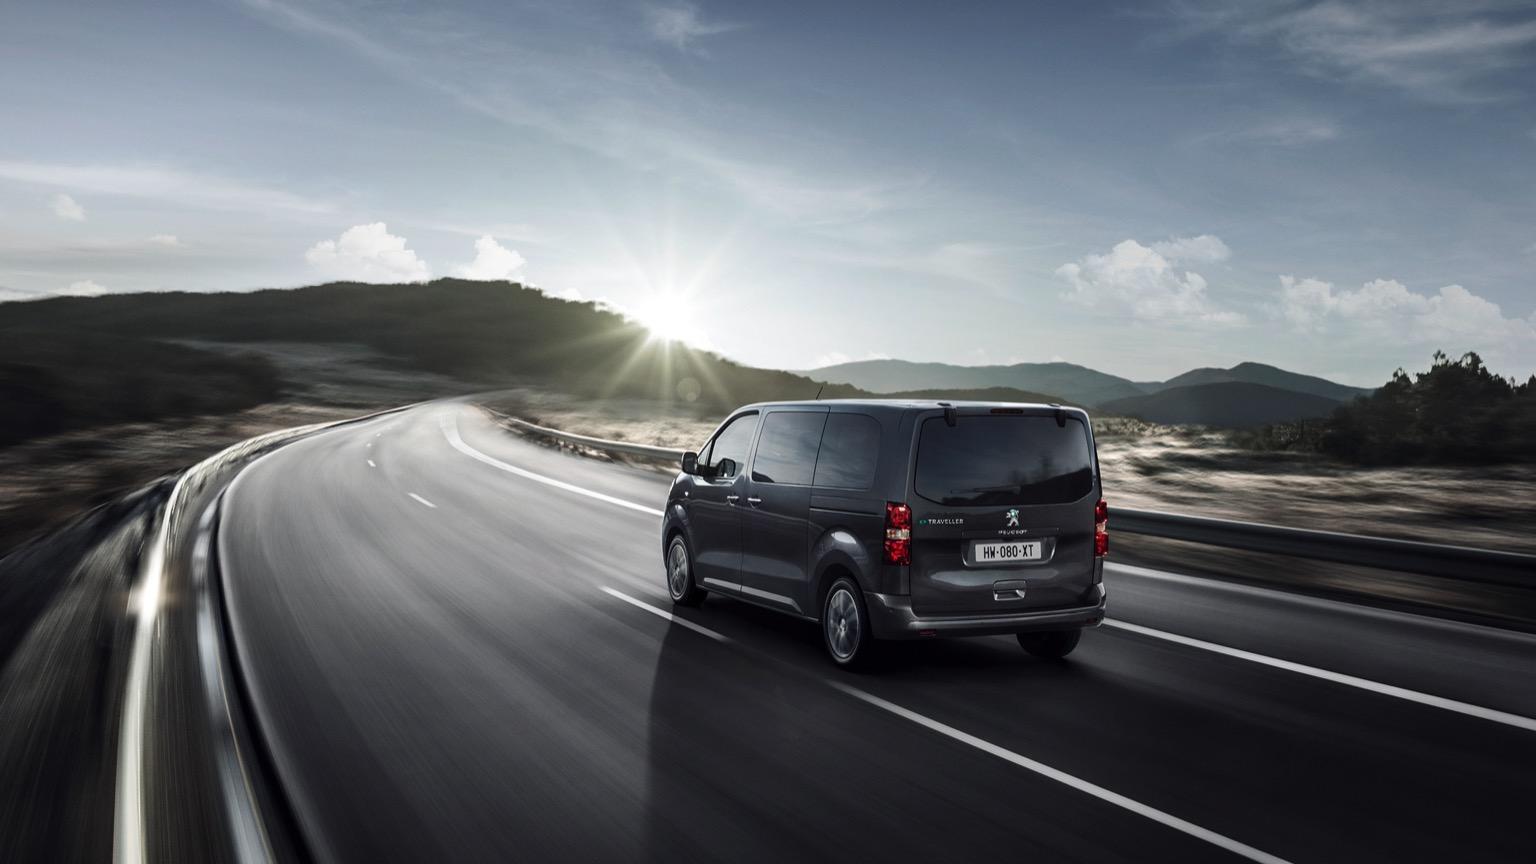 Peugeot_e-Traveller-05@2x